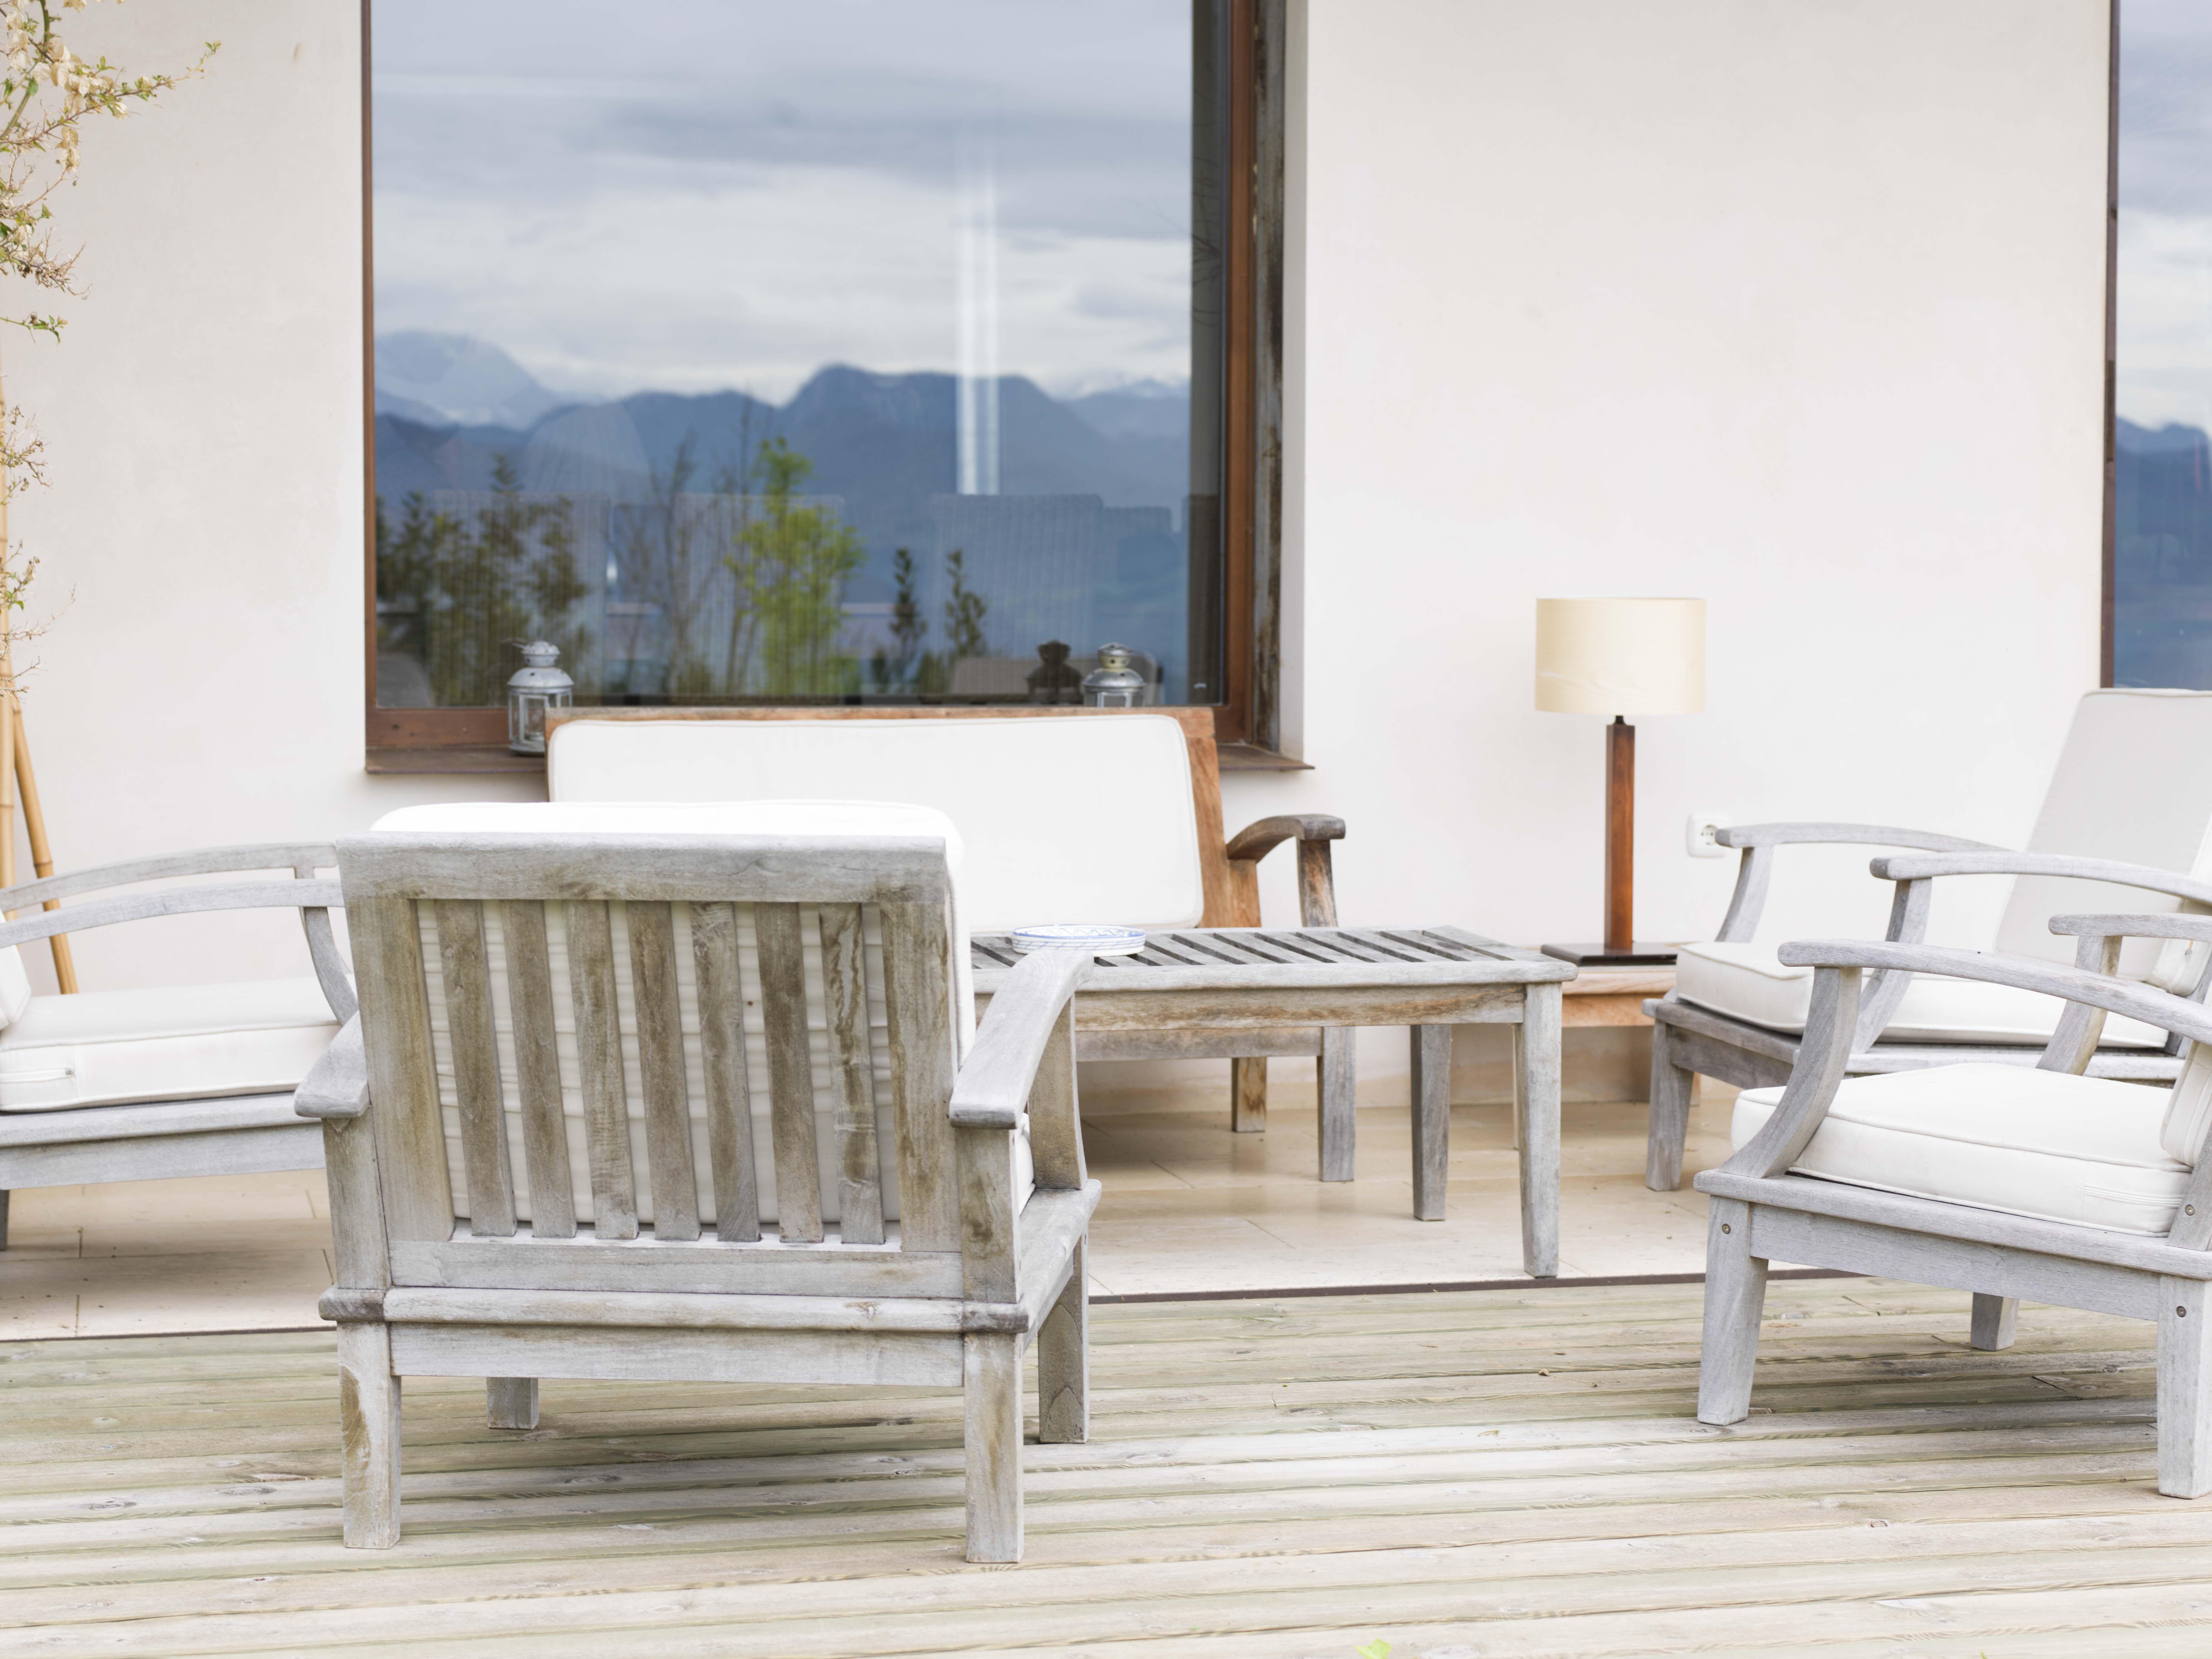 Casa Cofiño: Terrace